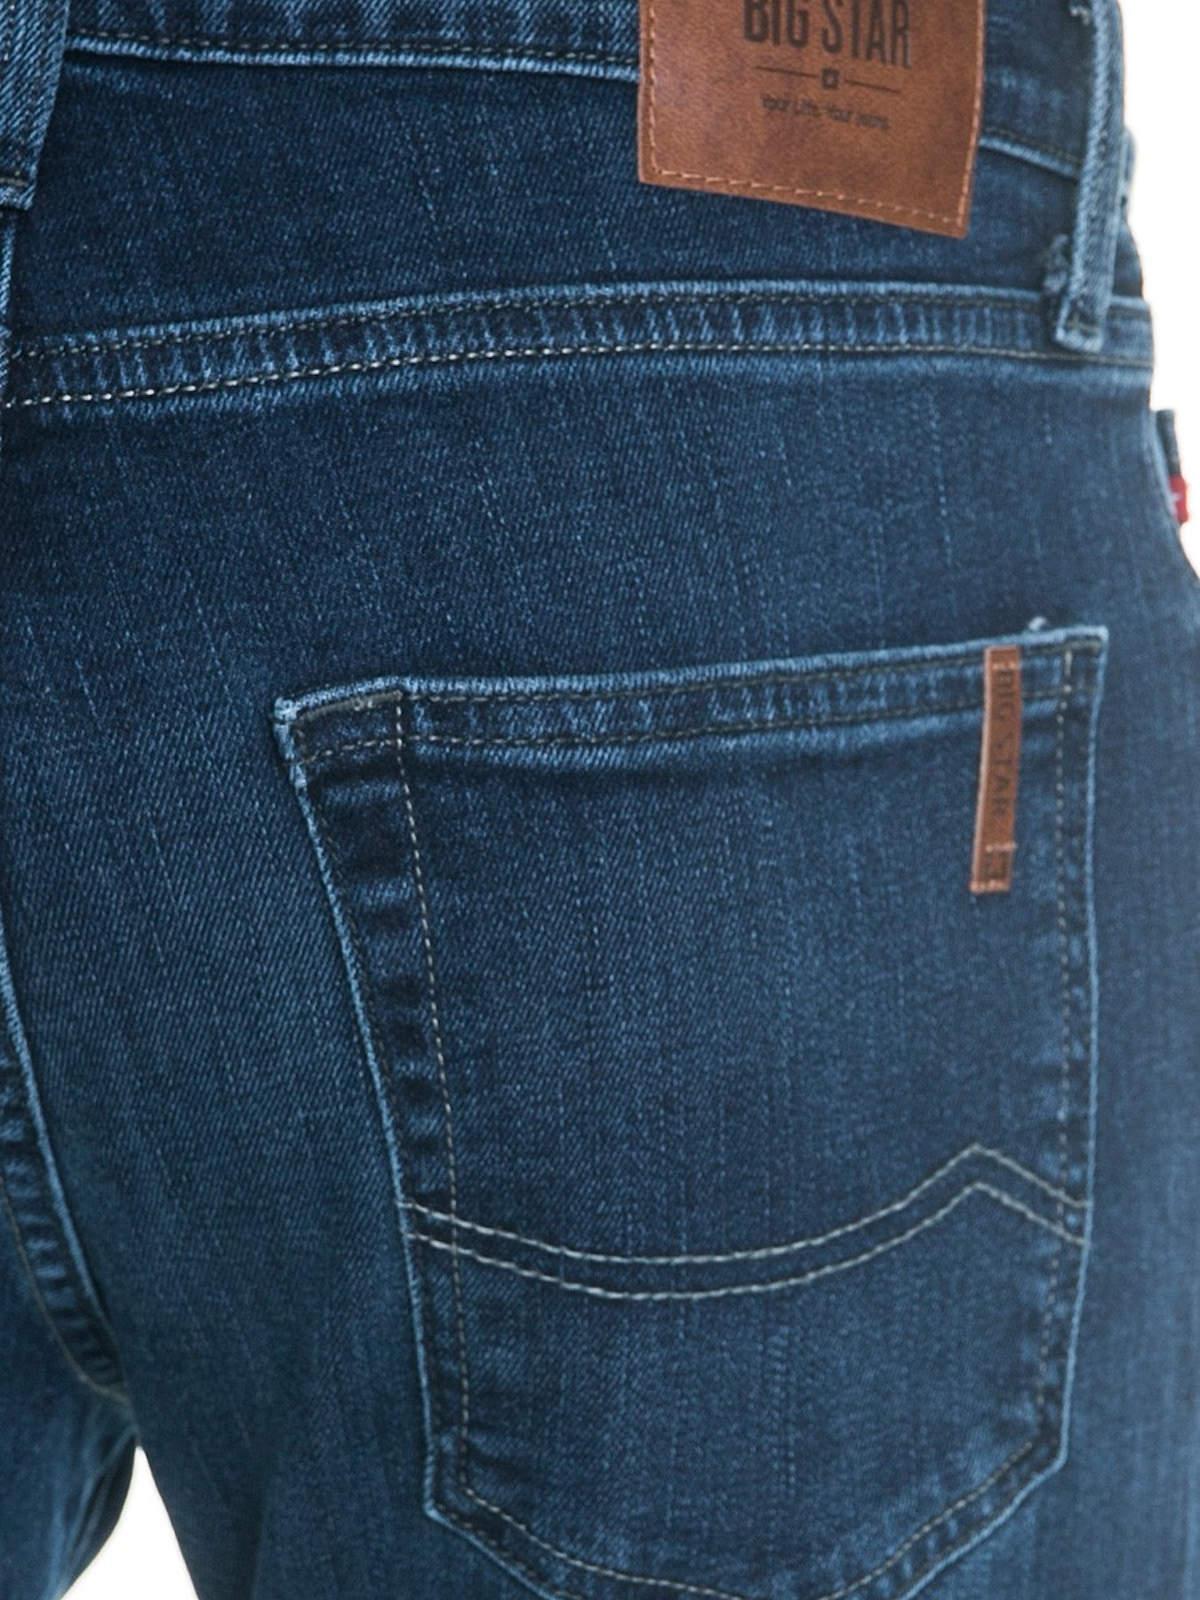 Big-Star-Jeans-Colt-497-Regular-Fit-Herren-Hose-Straight-Leg-Medium-Denim-NEU Indexbild 11